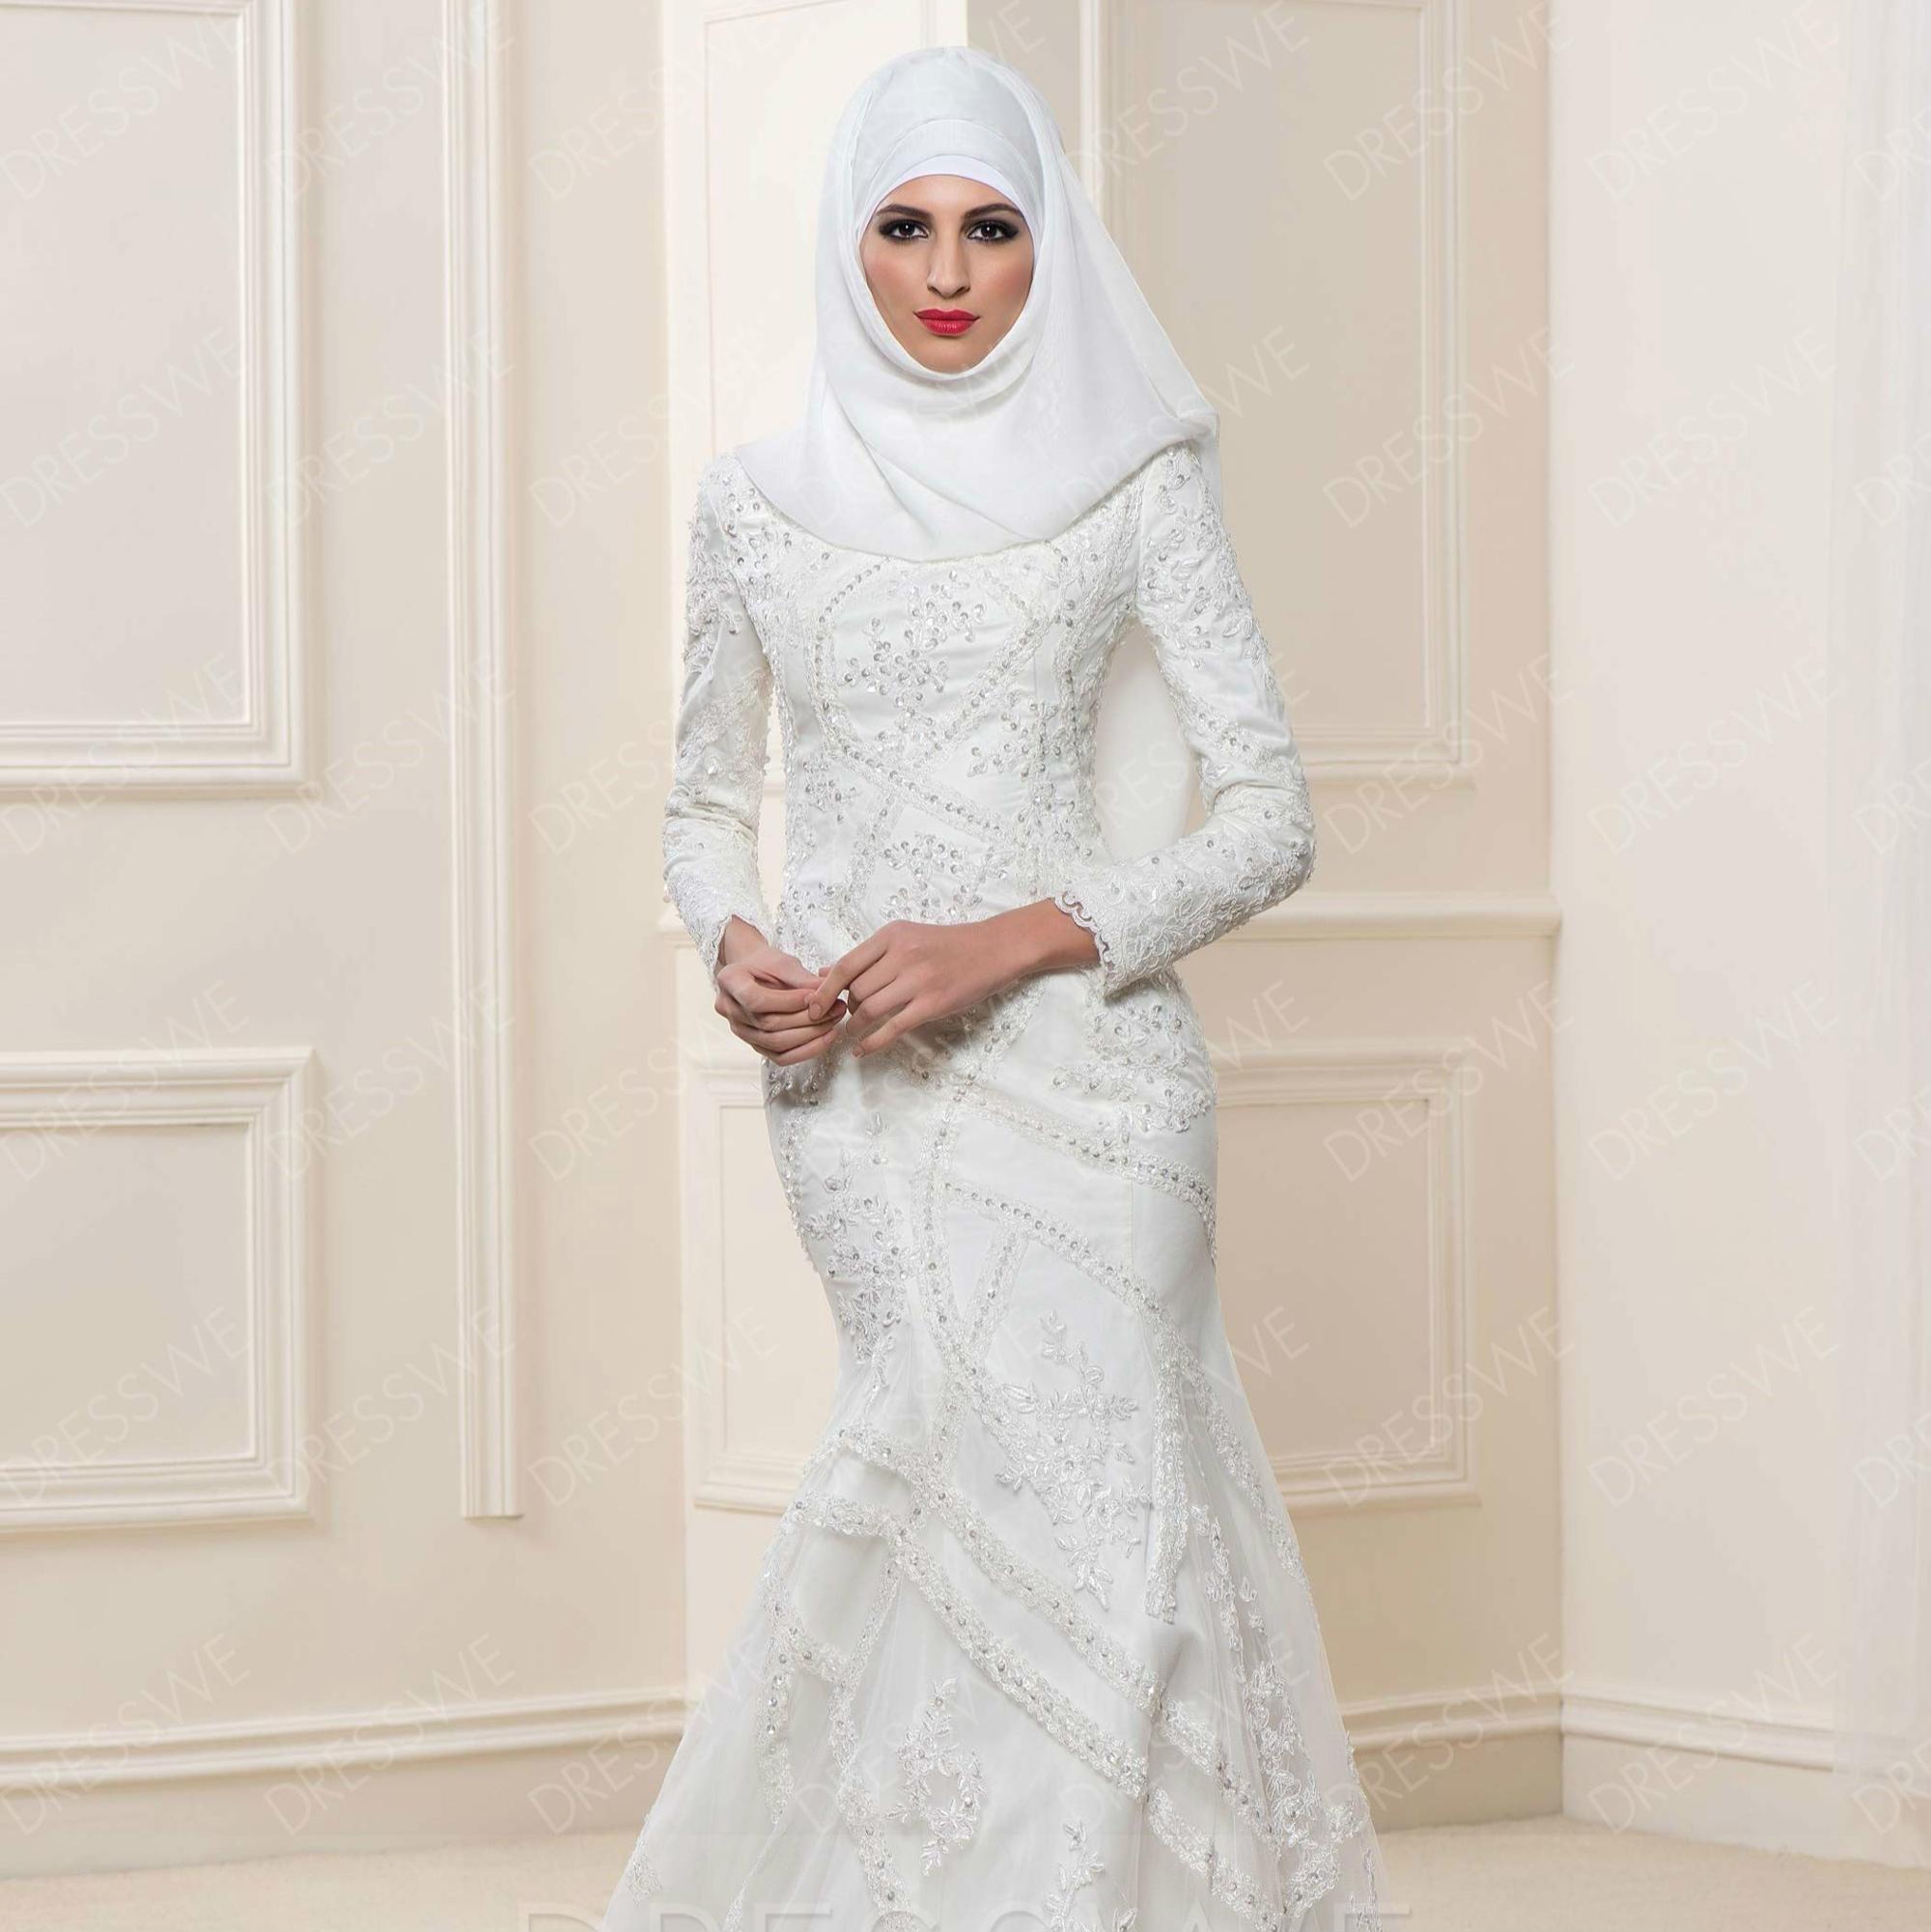 Dw006 Manches Longues Dentelle Hijab Arabe Musulman Robes De Mariée élégantes Robes De Mariée Islamiques Buy Robe De Mariée Musulmanerobe De Mariée